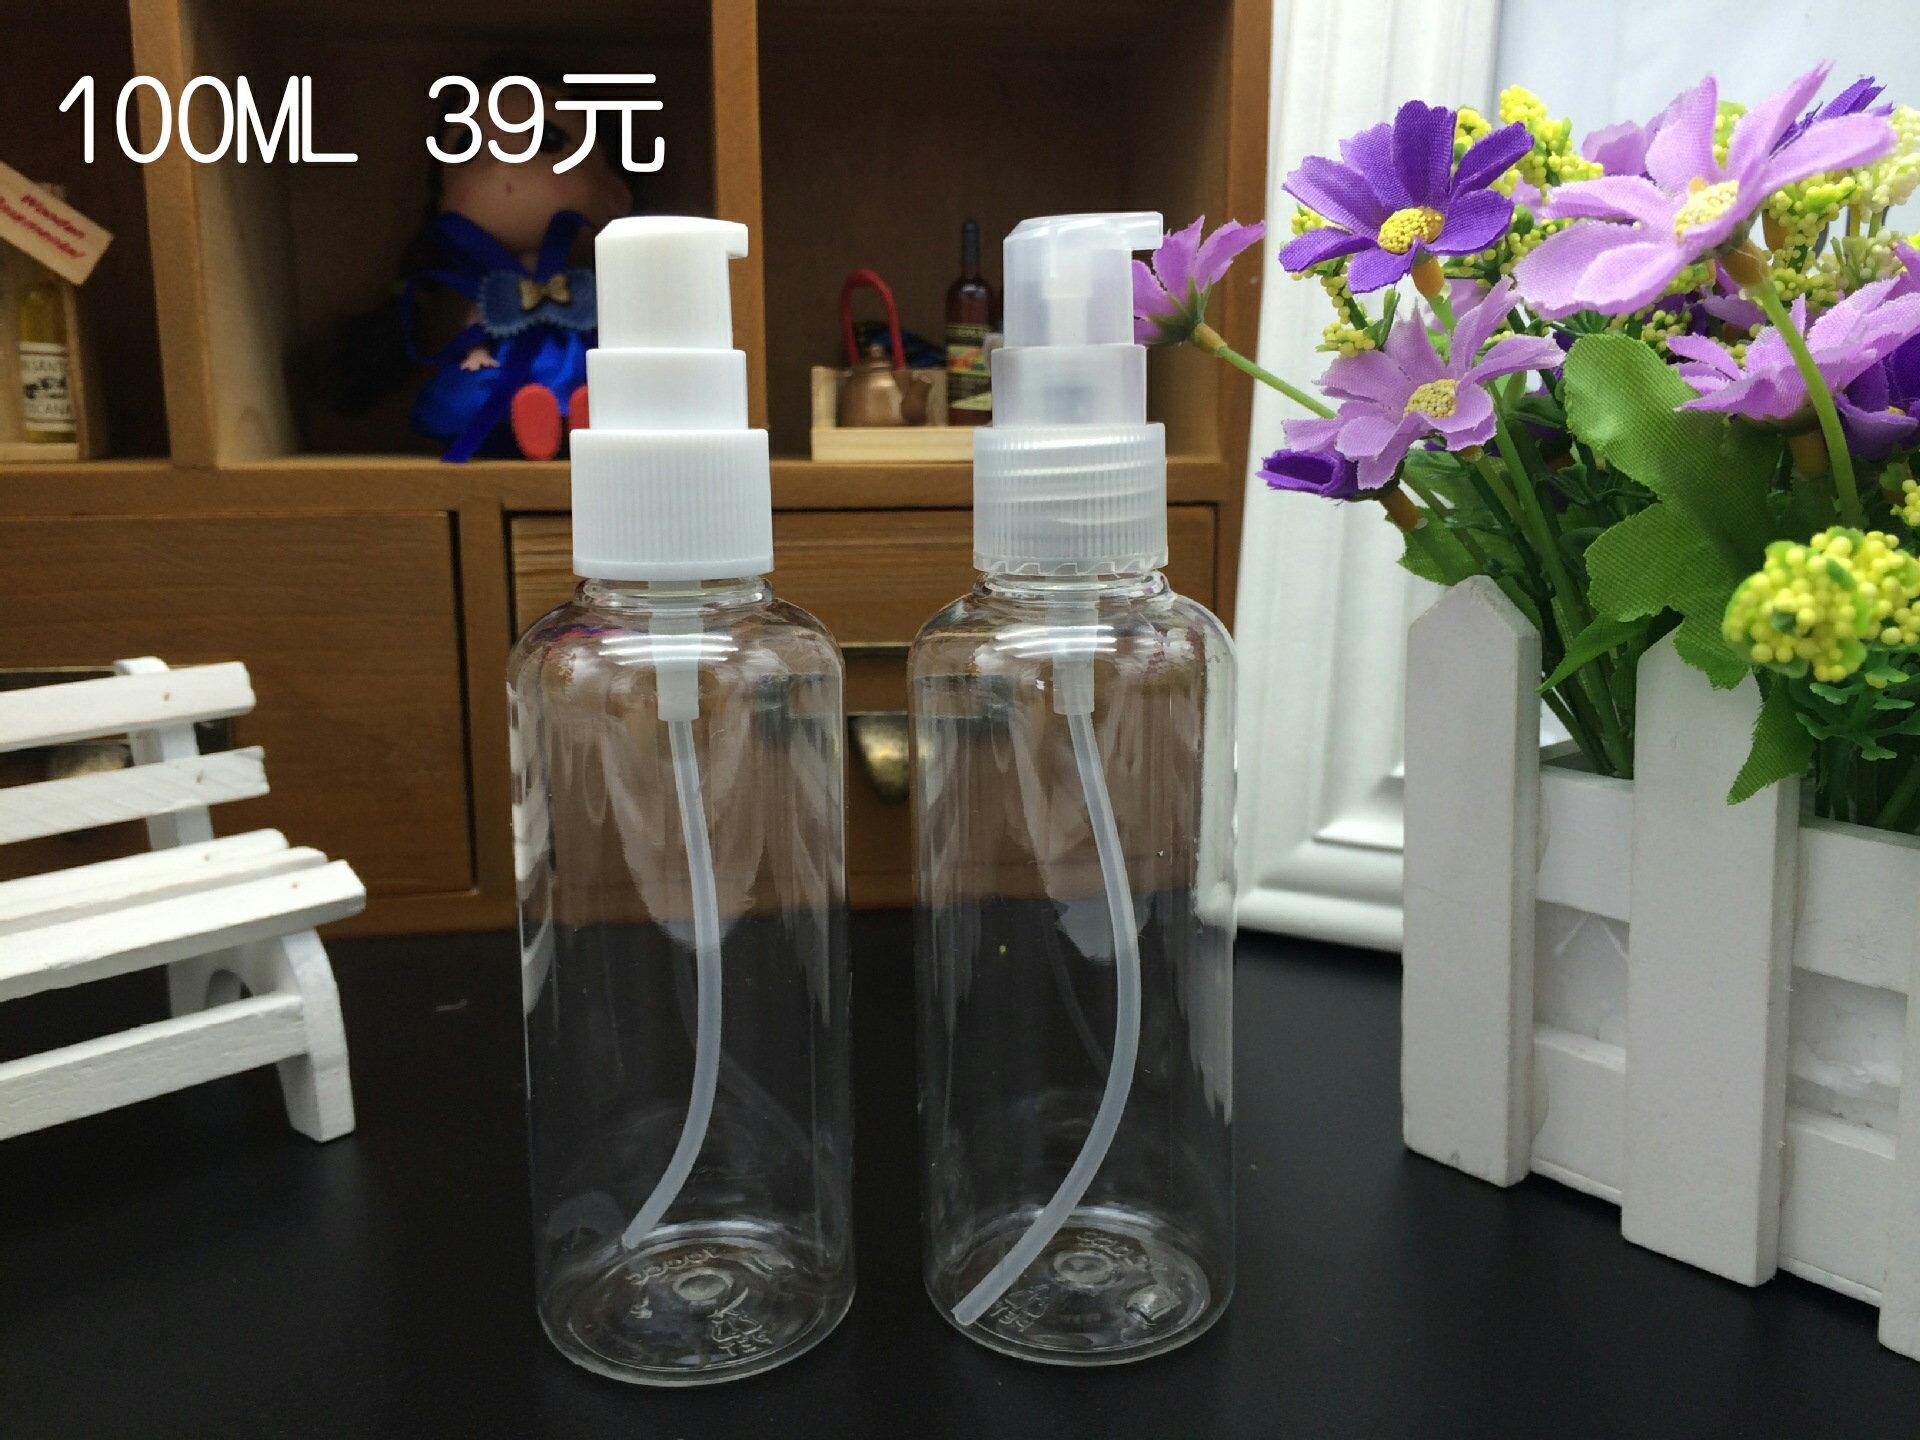 【省錢博士】鳥嘴壓瓶 / 乳液分裝瓶 / 乳液按壓瓶